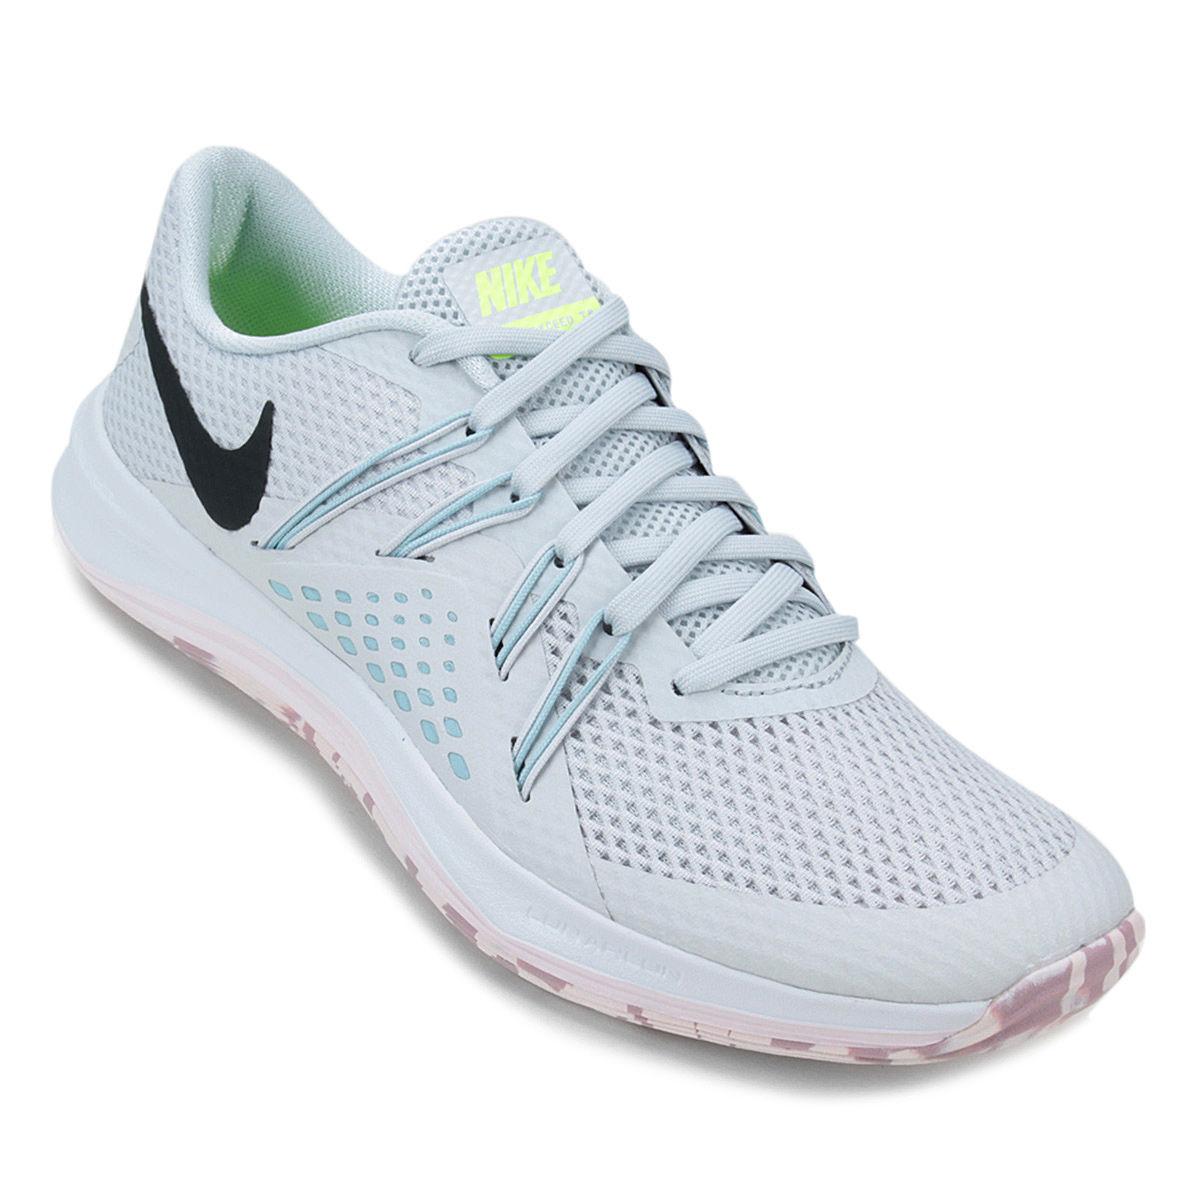 Tenis Nike Lunar Exceed TR